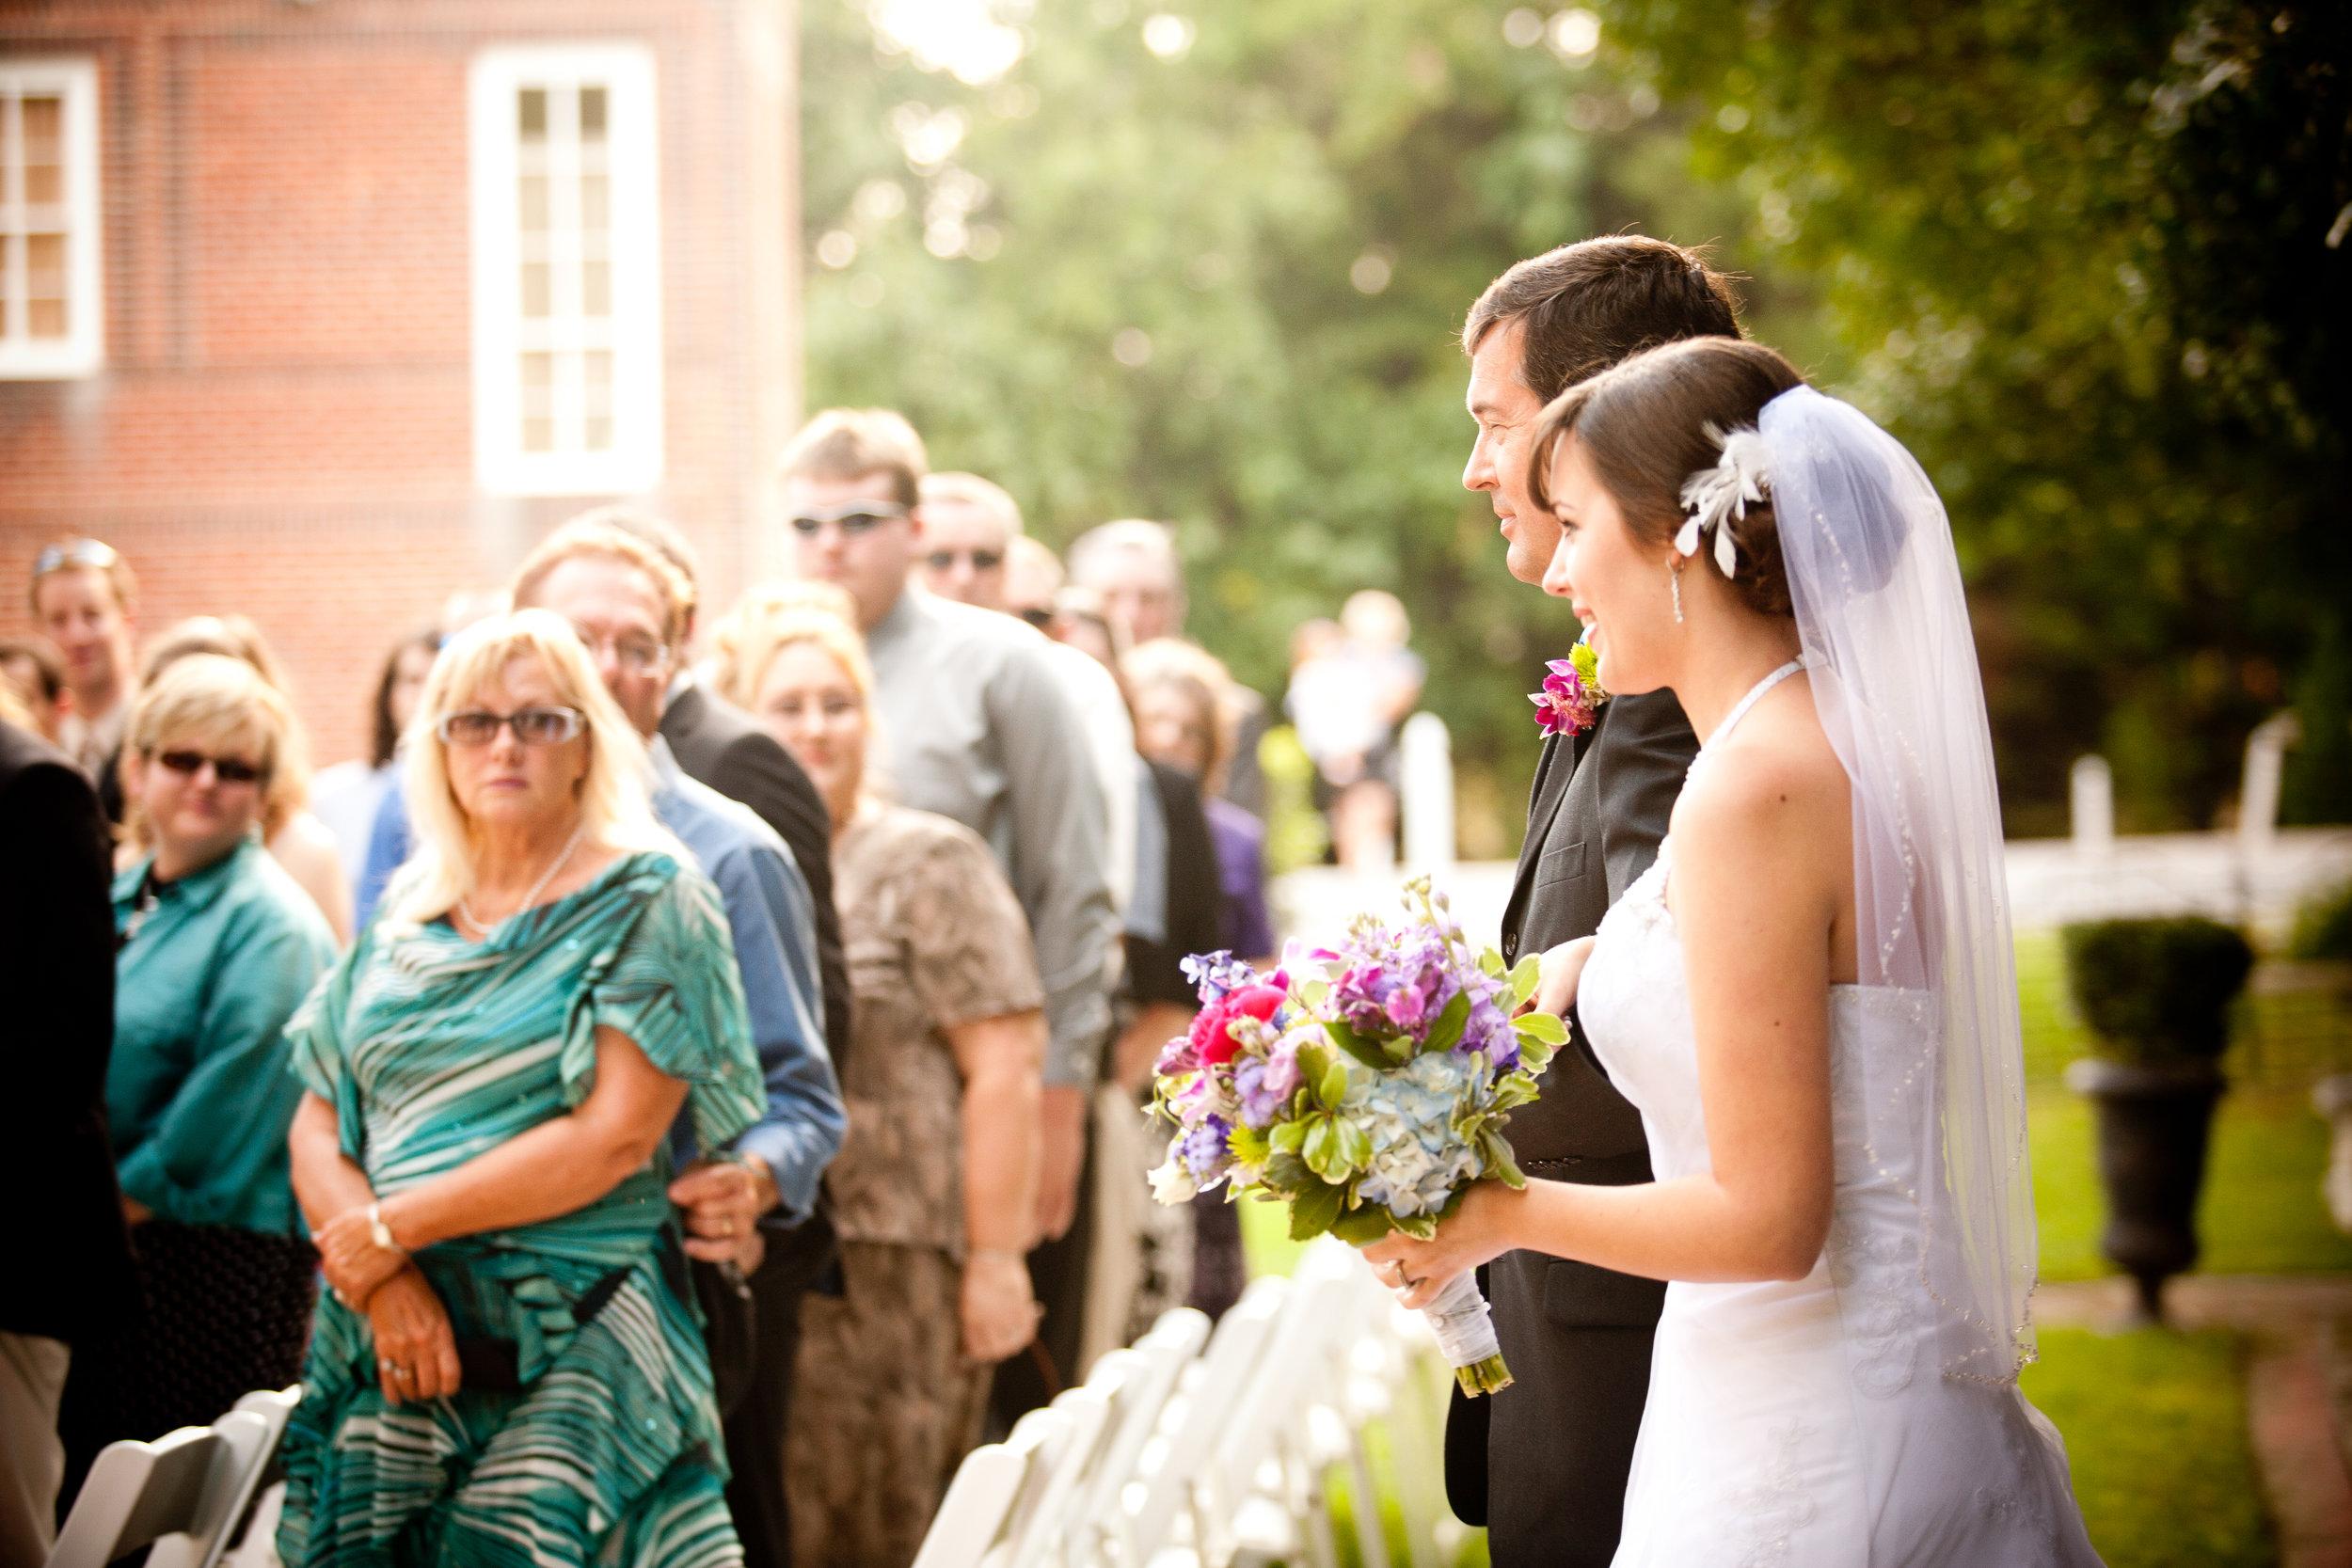 Mankin-Mansion-Wedding-Ceremony-Bride.jpg